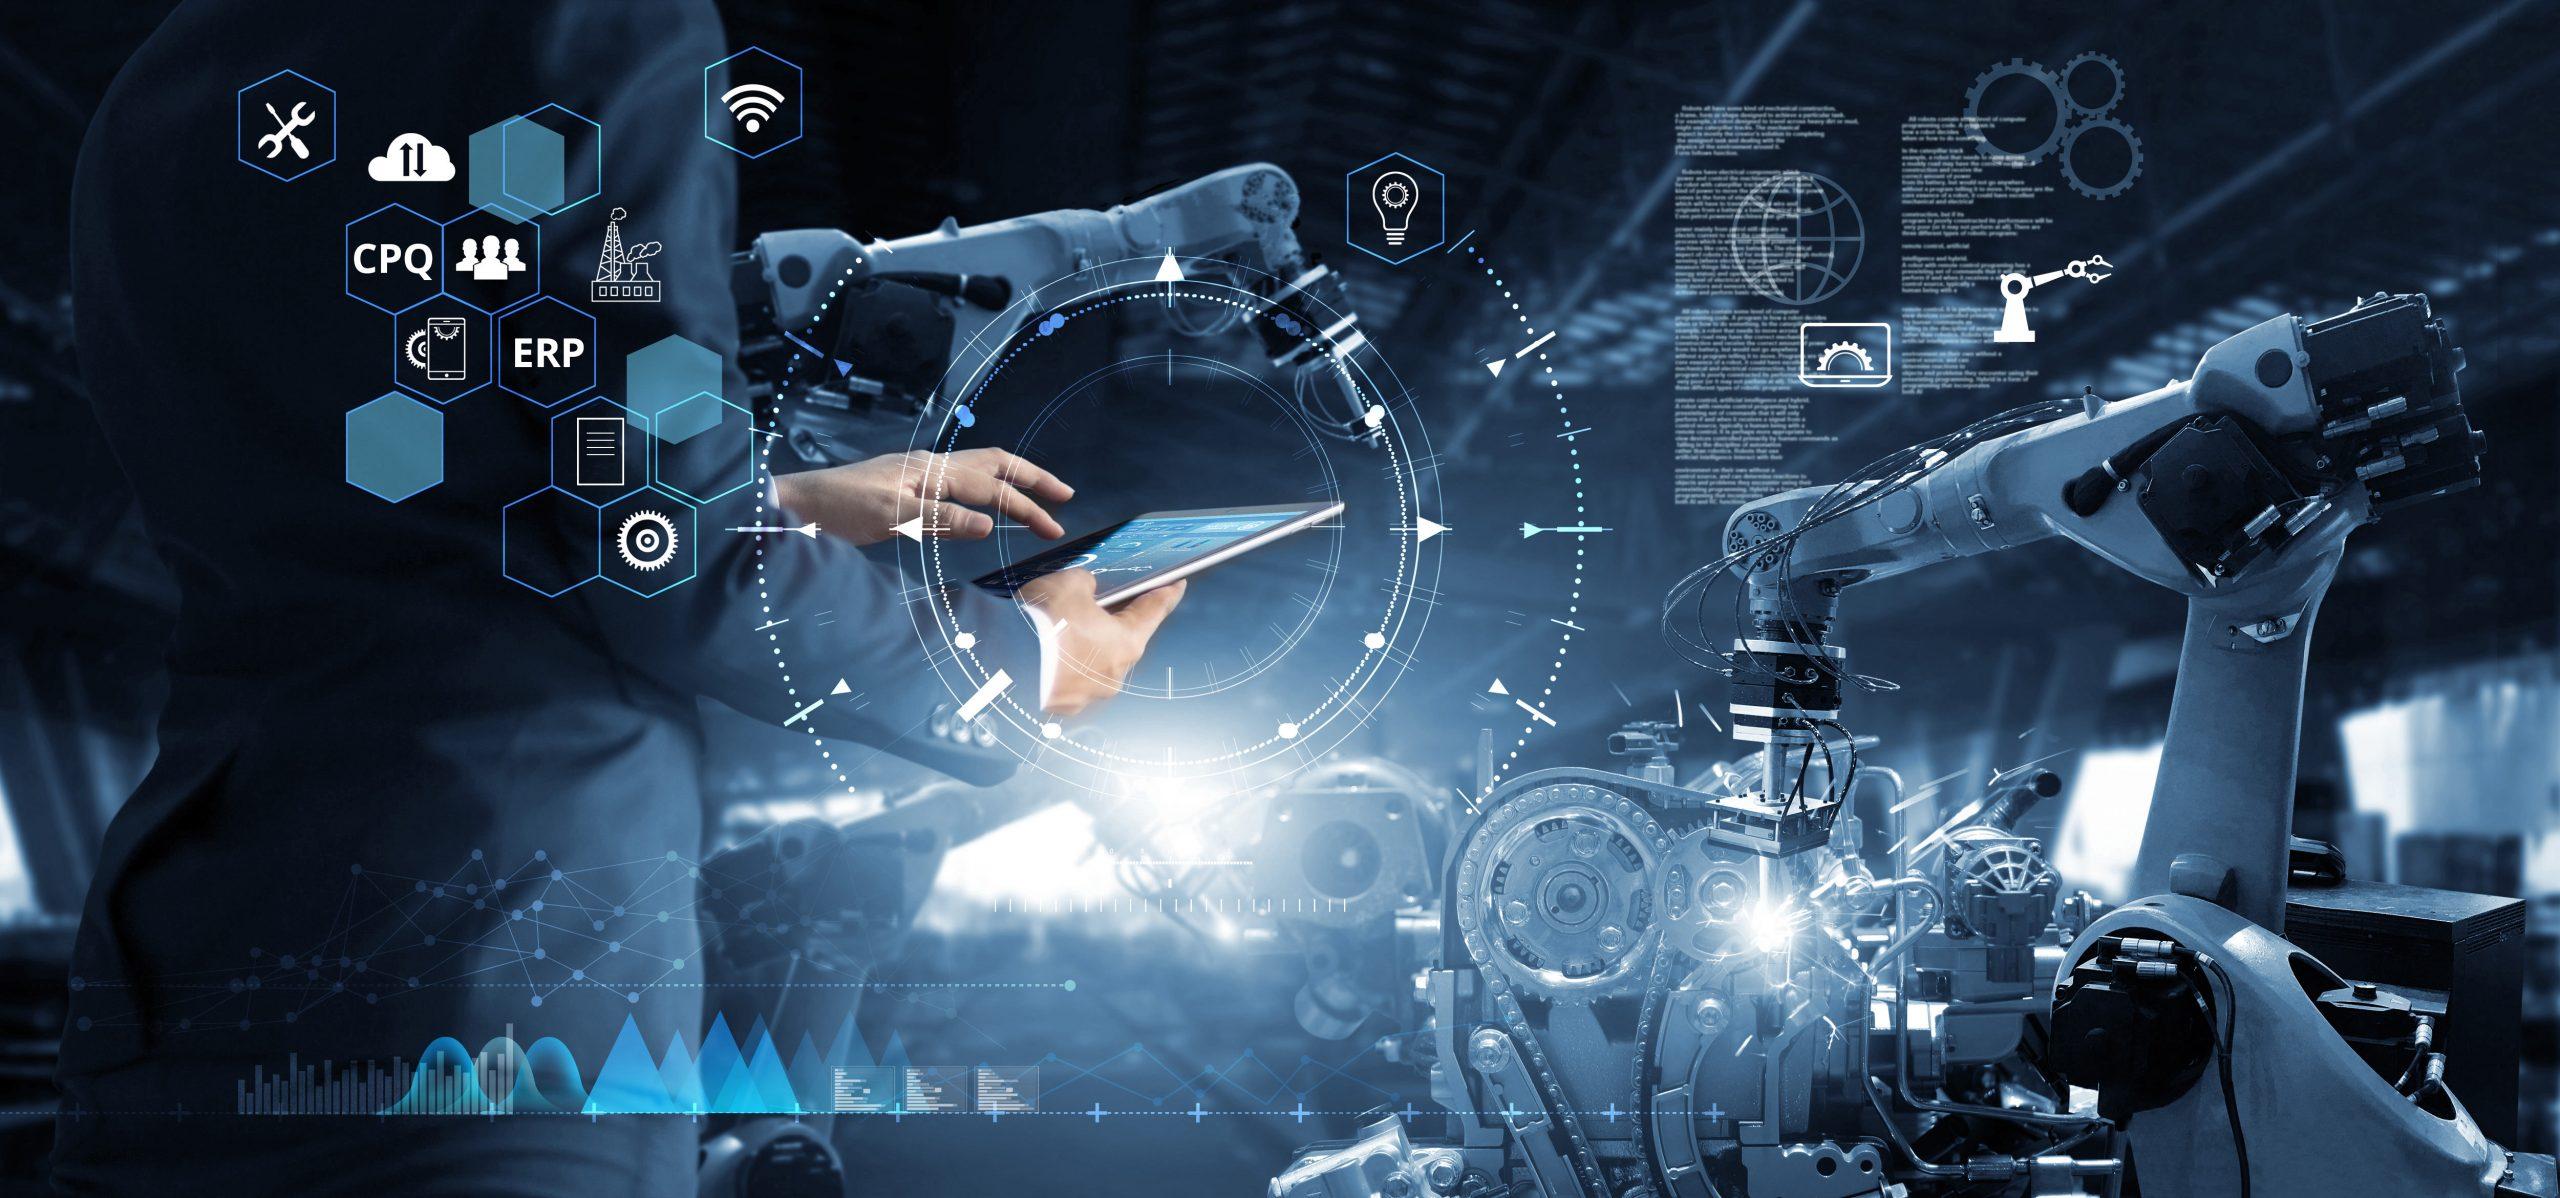 Integration von CPQ & ERP zur End-to-End-Automatisierung des Vertriebsprozesses (Bild: ©ipopba/adobe.stock.com)